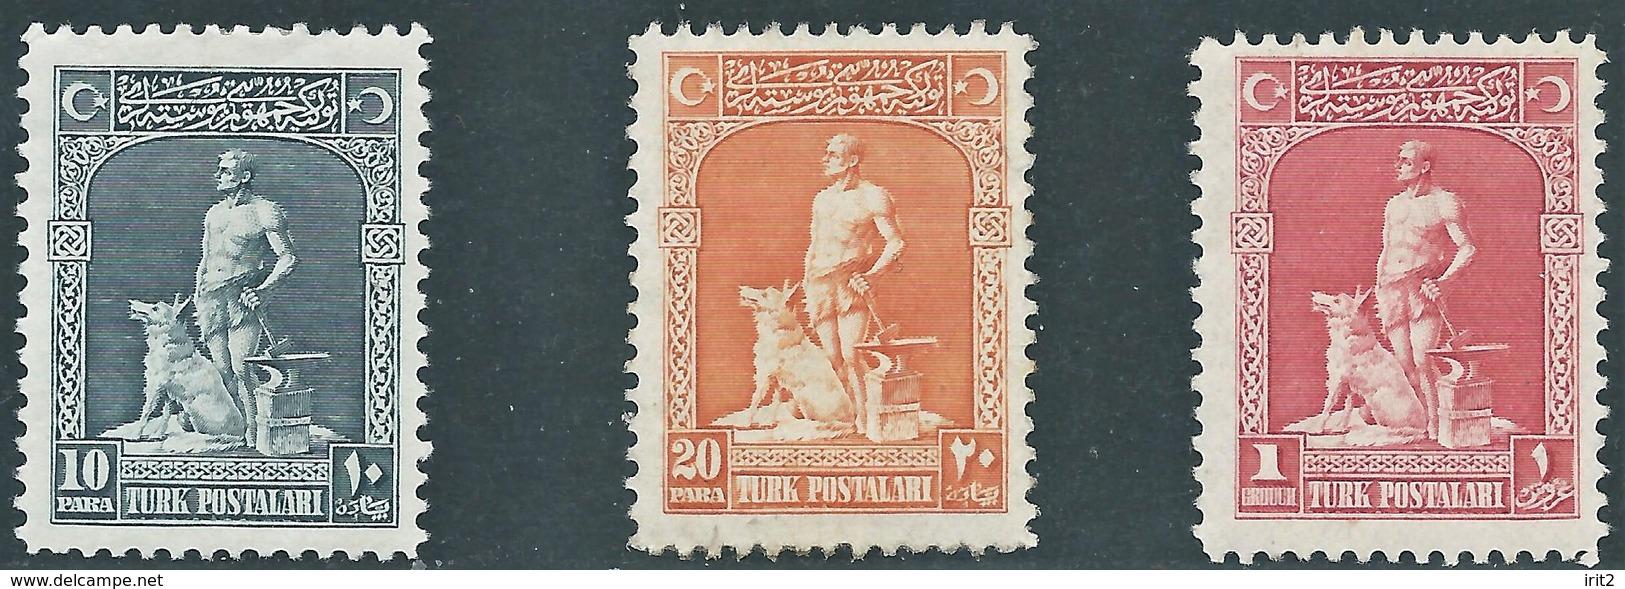 Turchia Turkey, 1926 - MNH - Nuevos